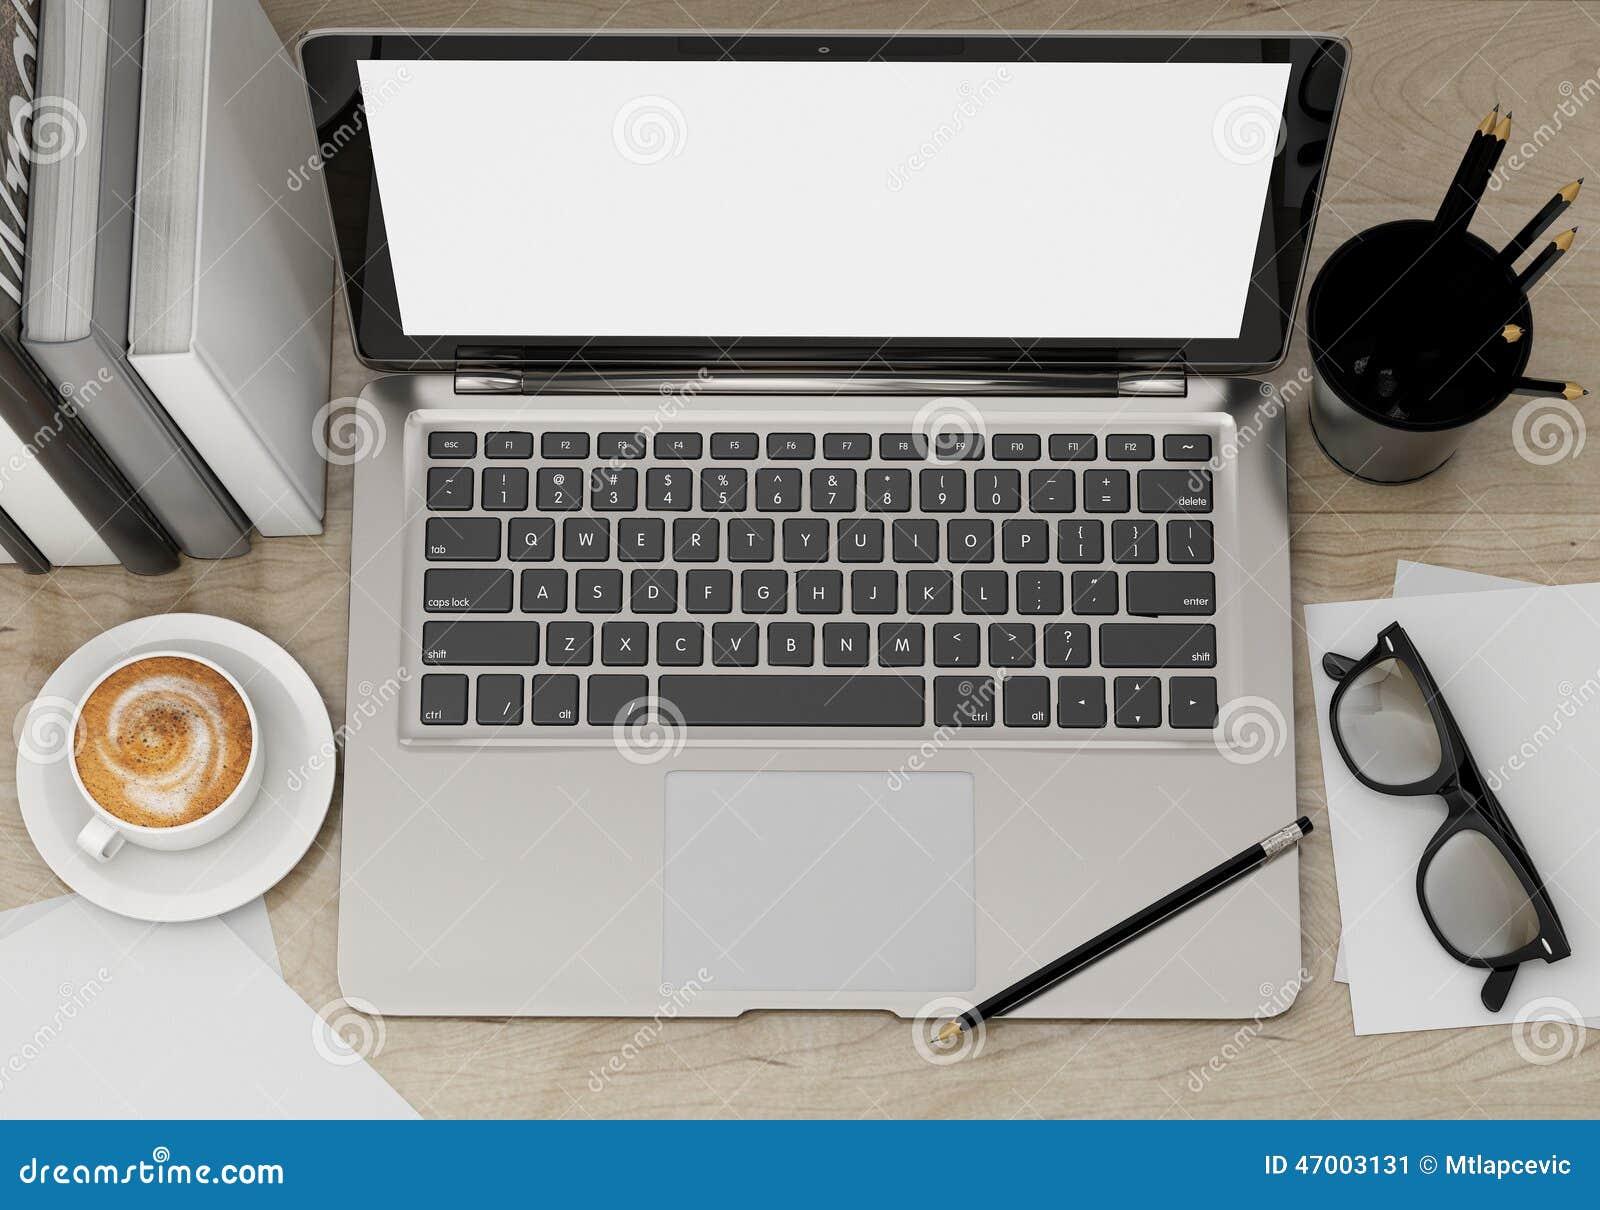 3d illustration of modern laptop template workspace mock up